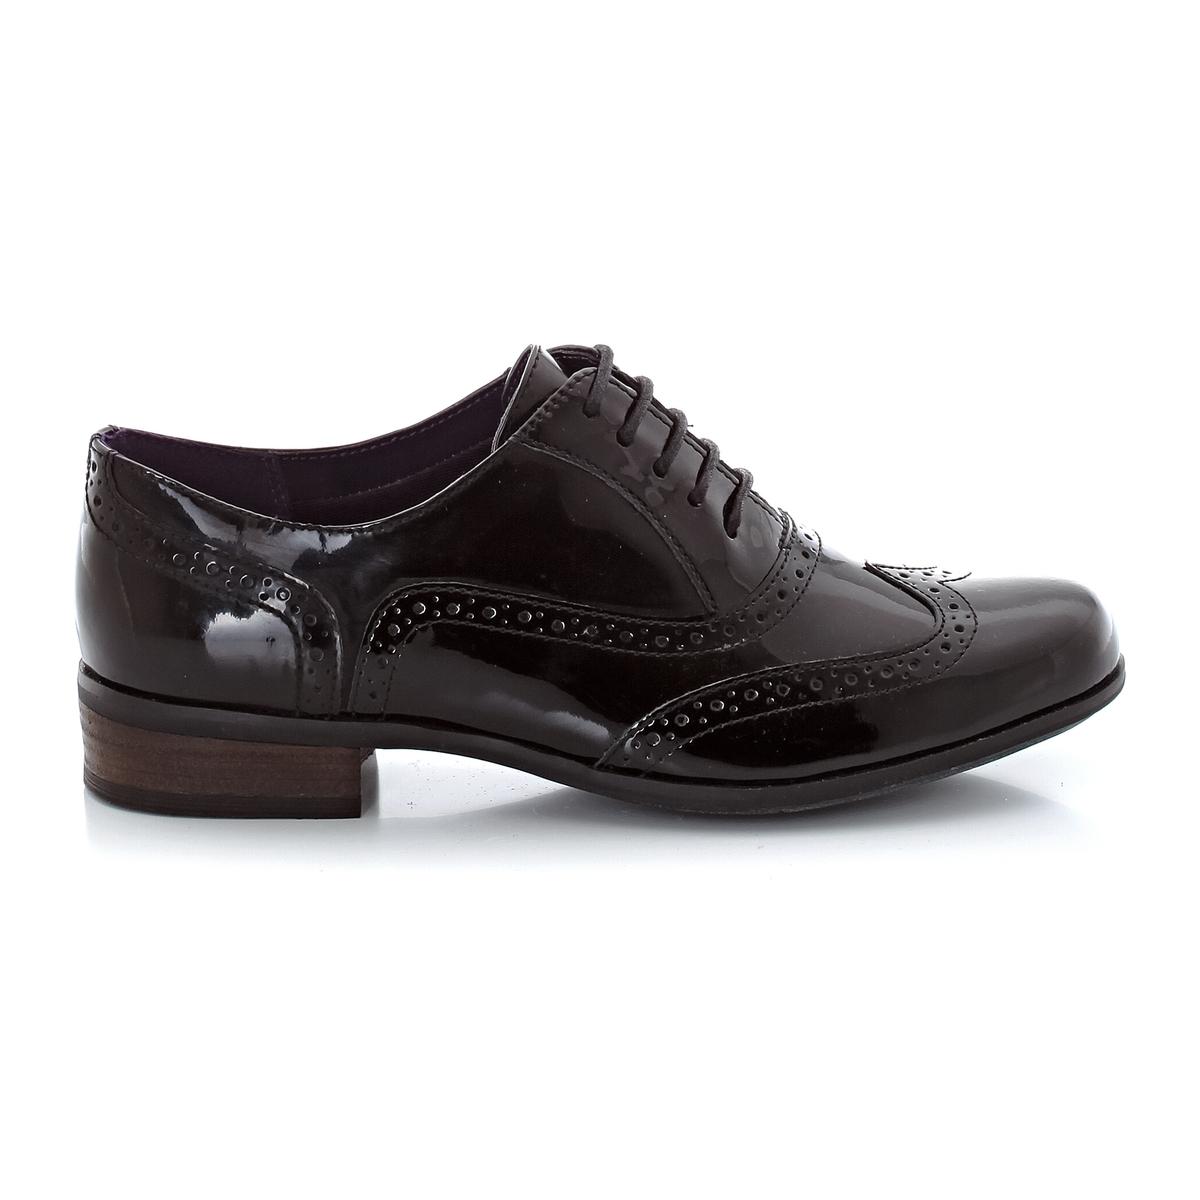 Ботинки-дерби лакированные Hamble Oak ботинки дерби